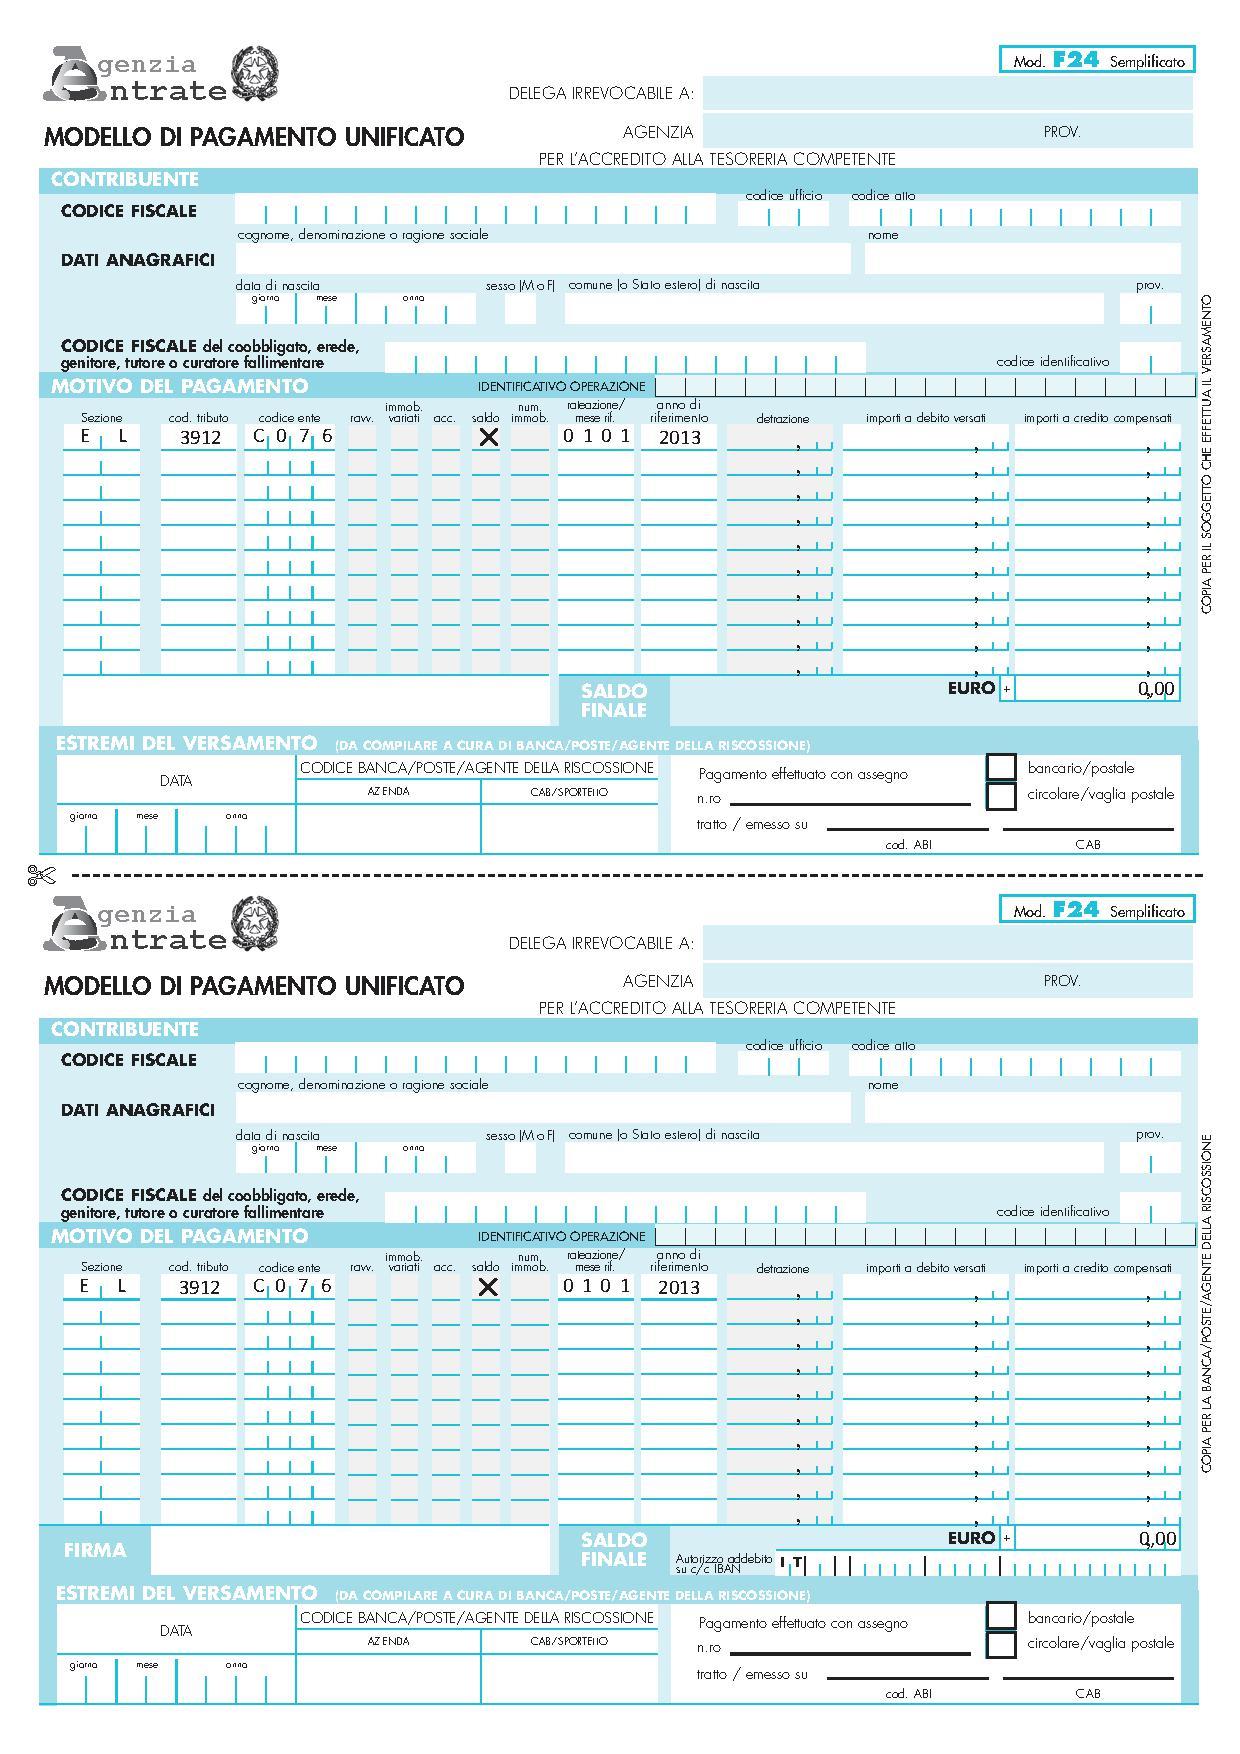 Agenzia delle entrate pagamento imu latest e stato for Pagamento imu